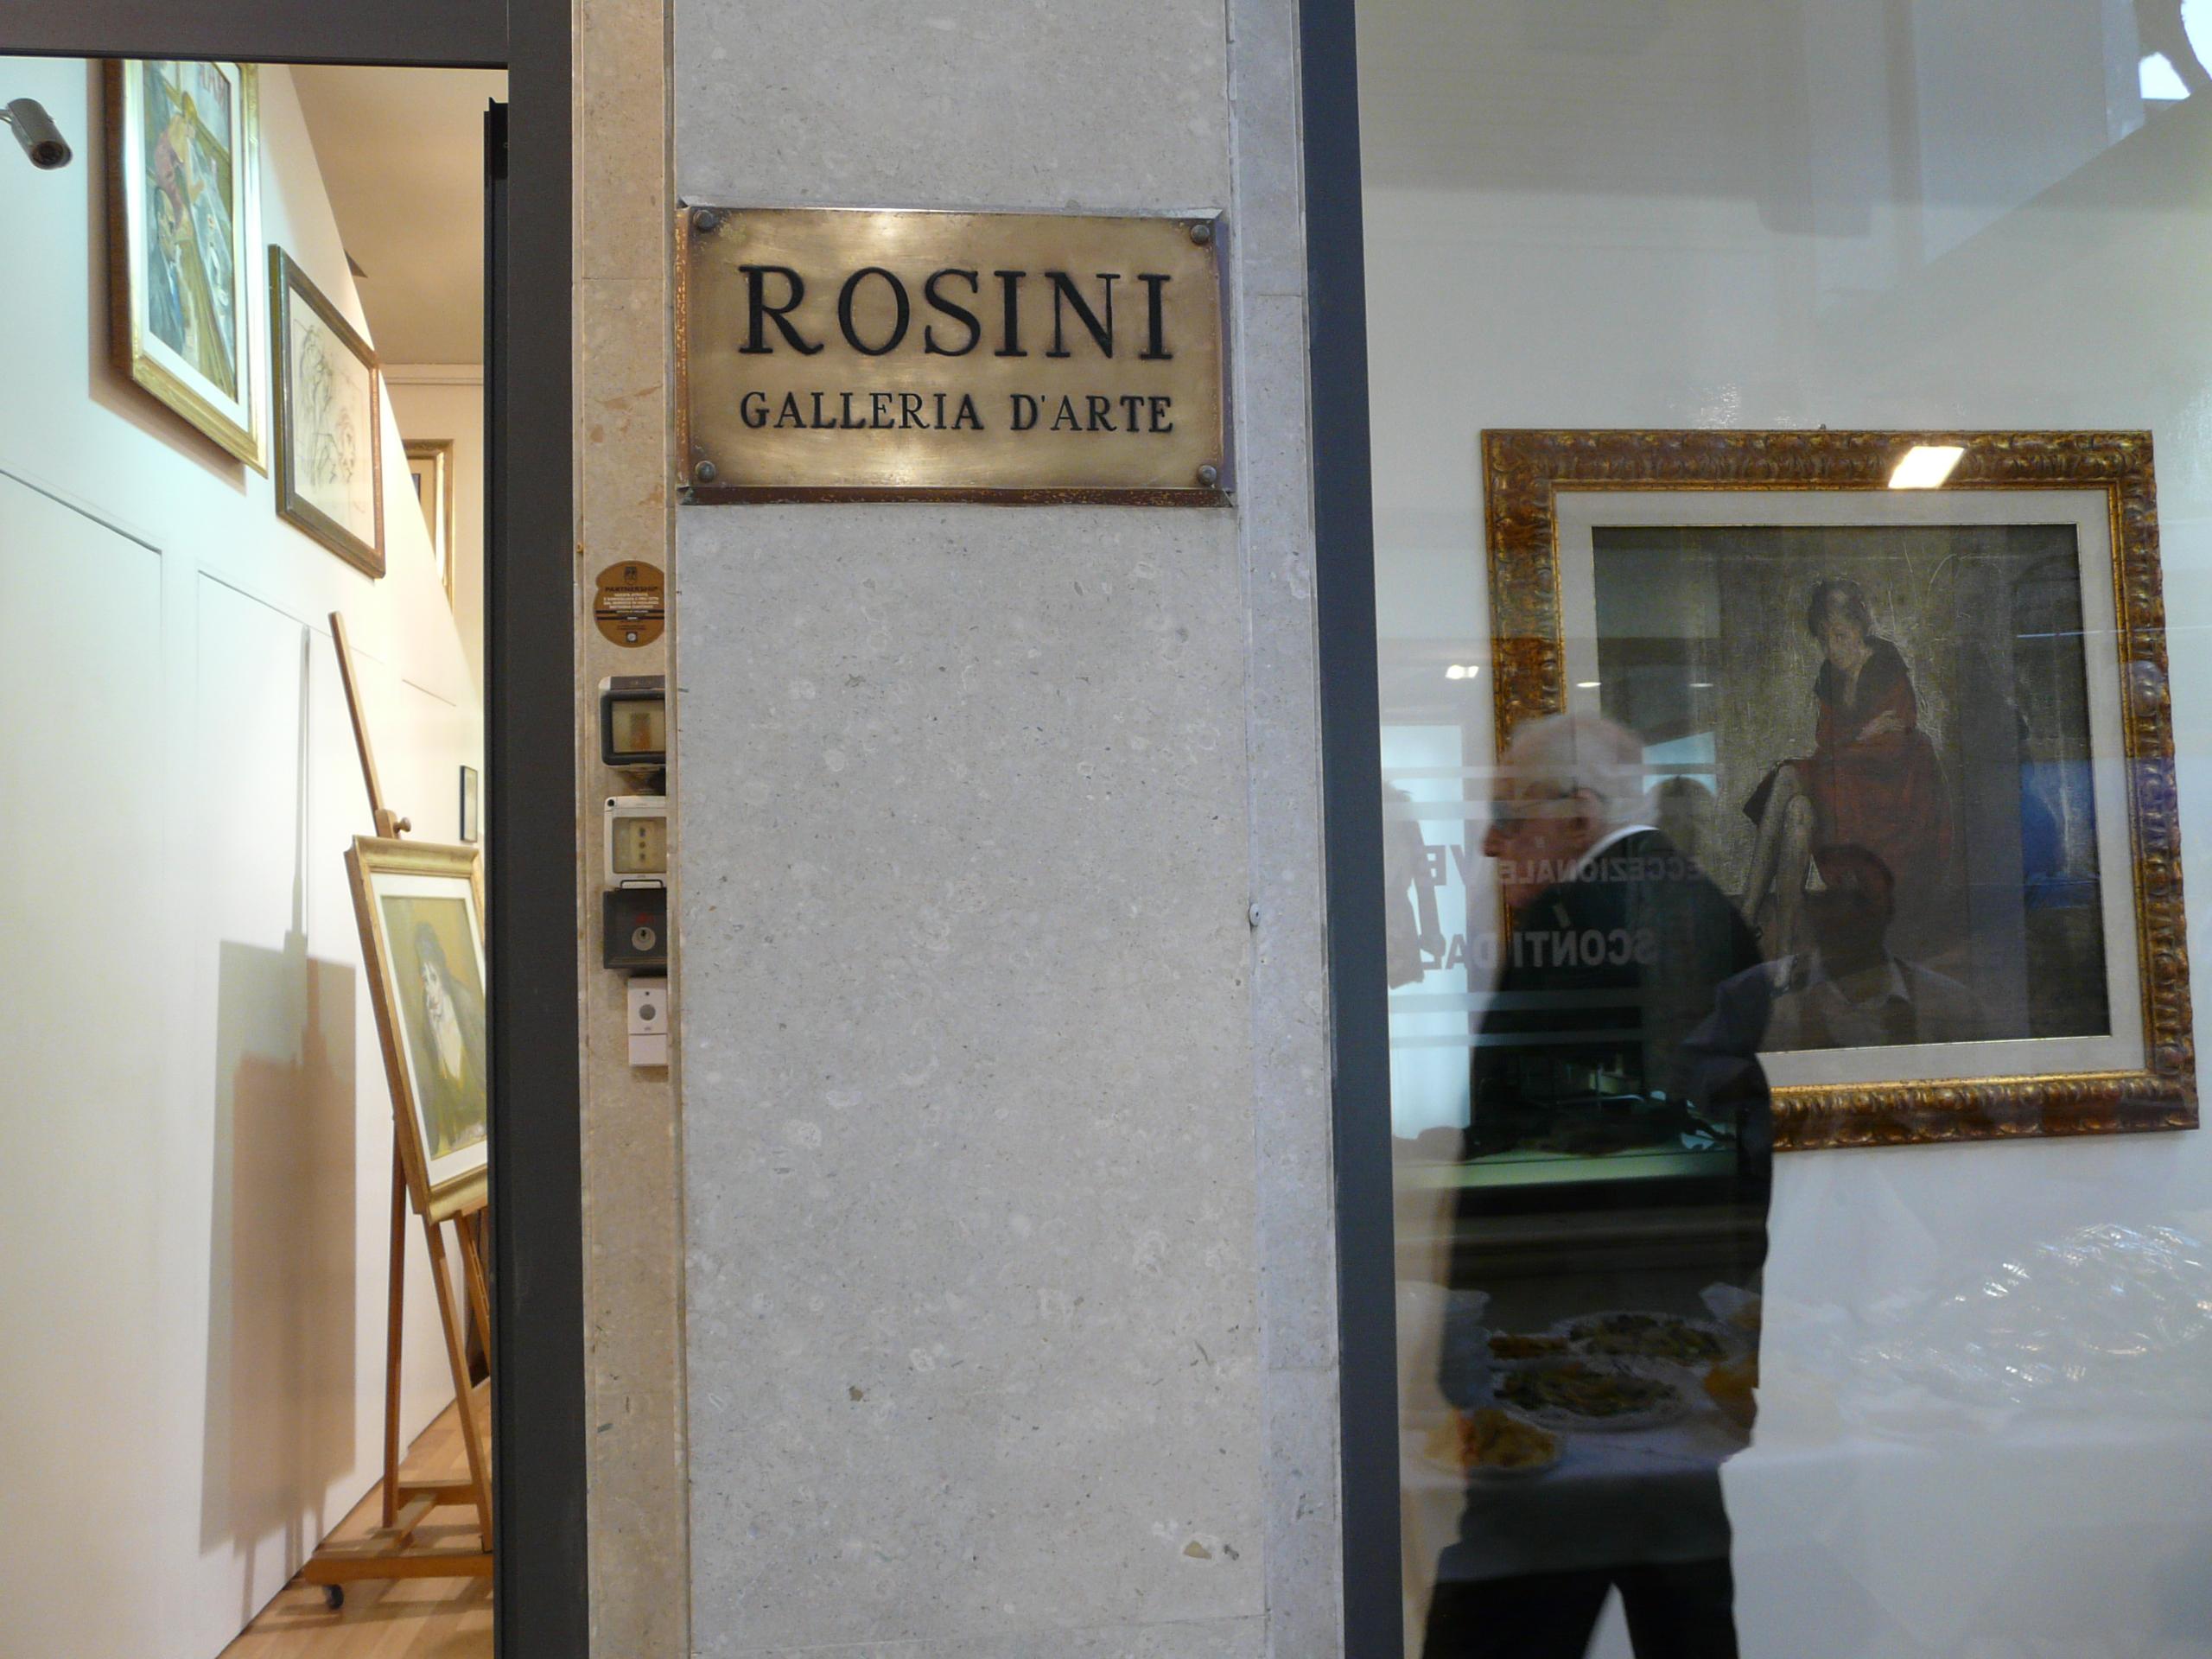 Rosini Gutman